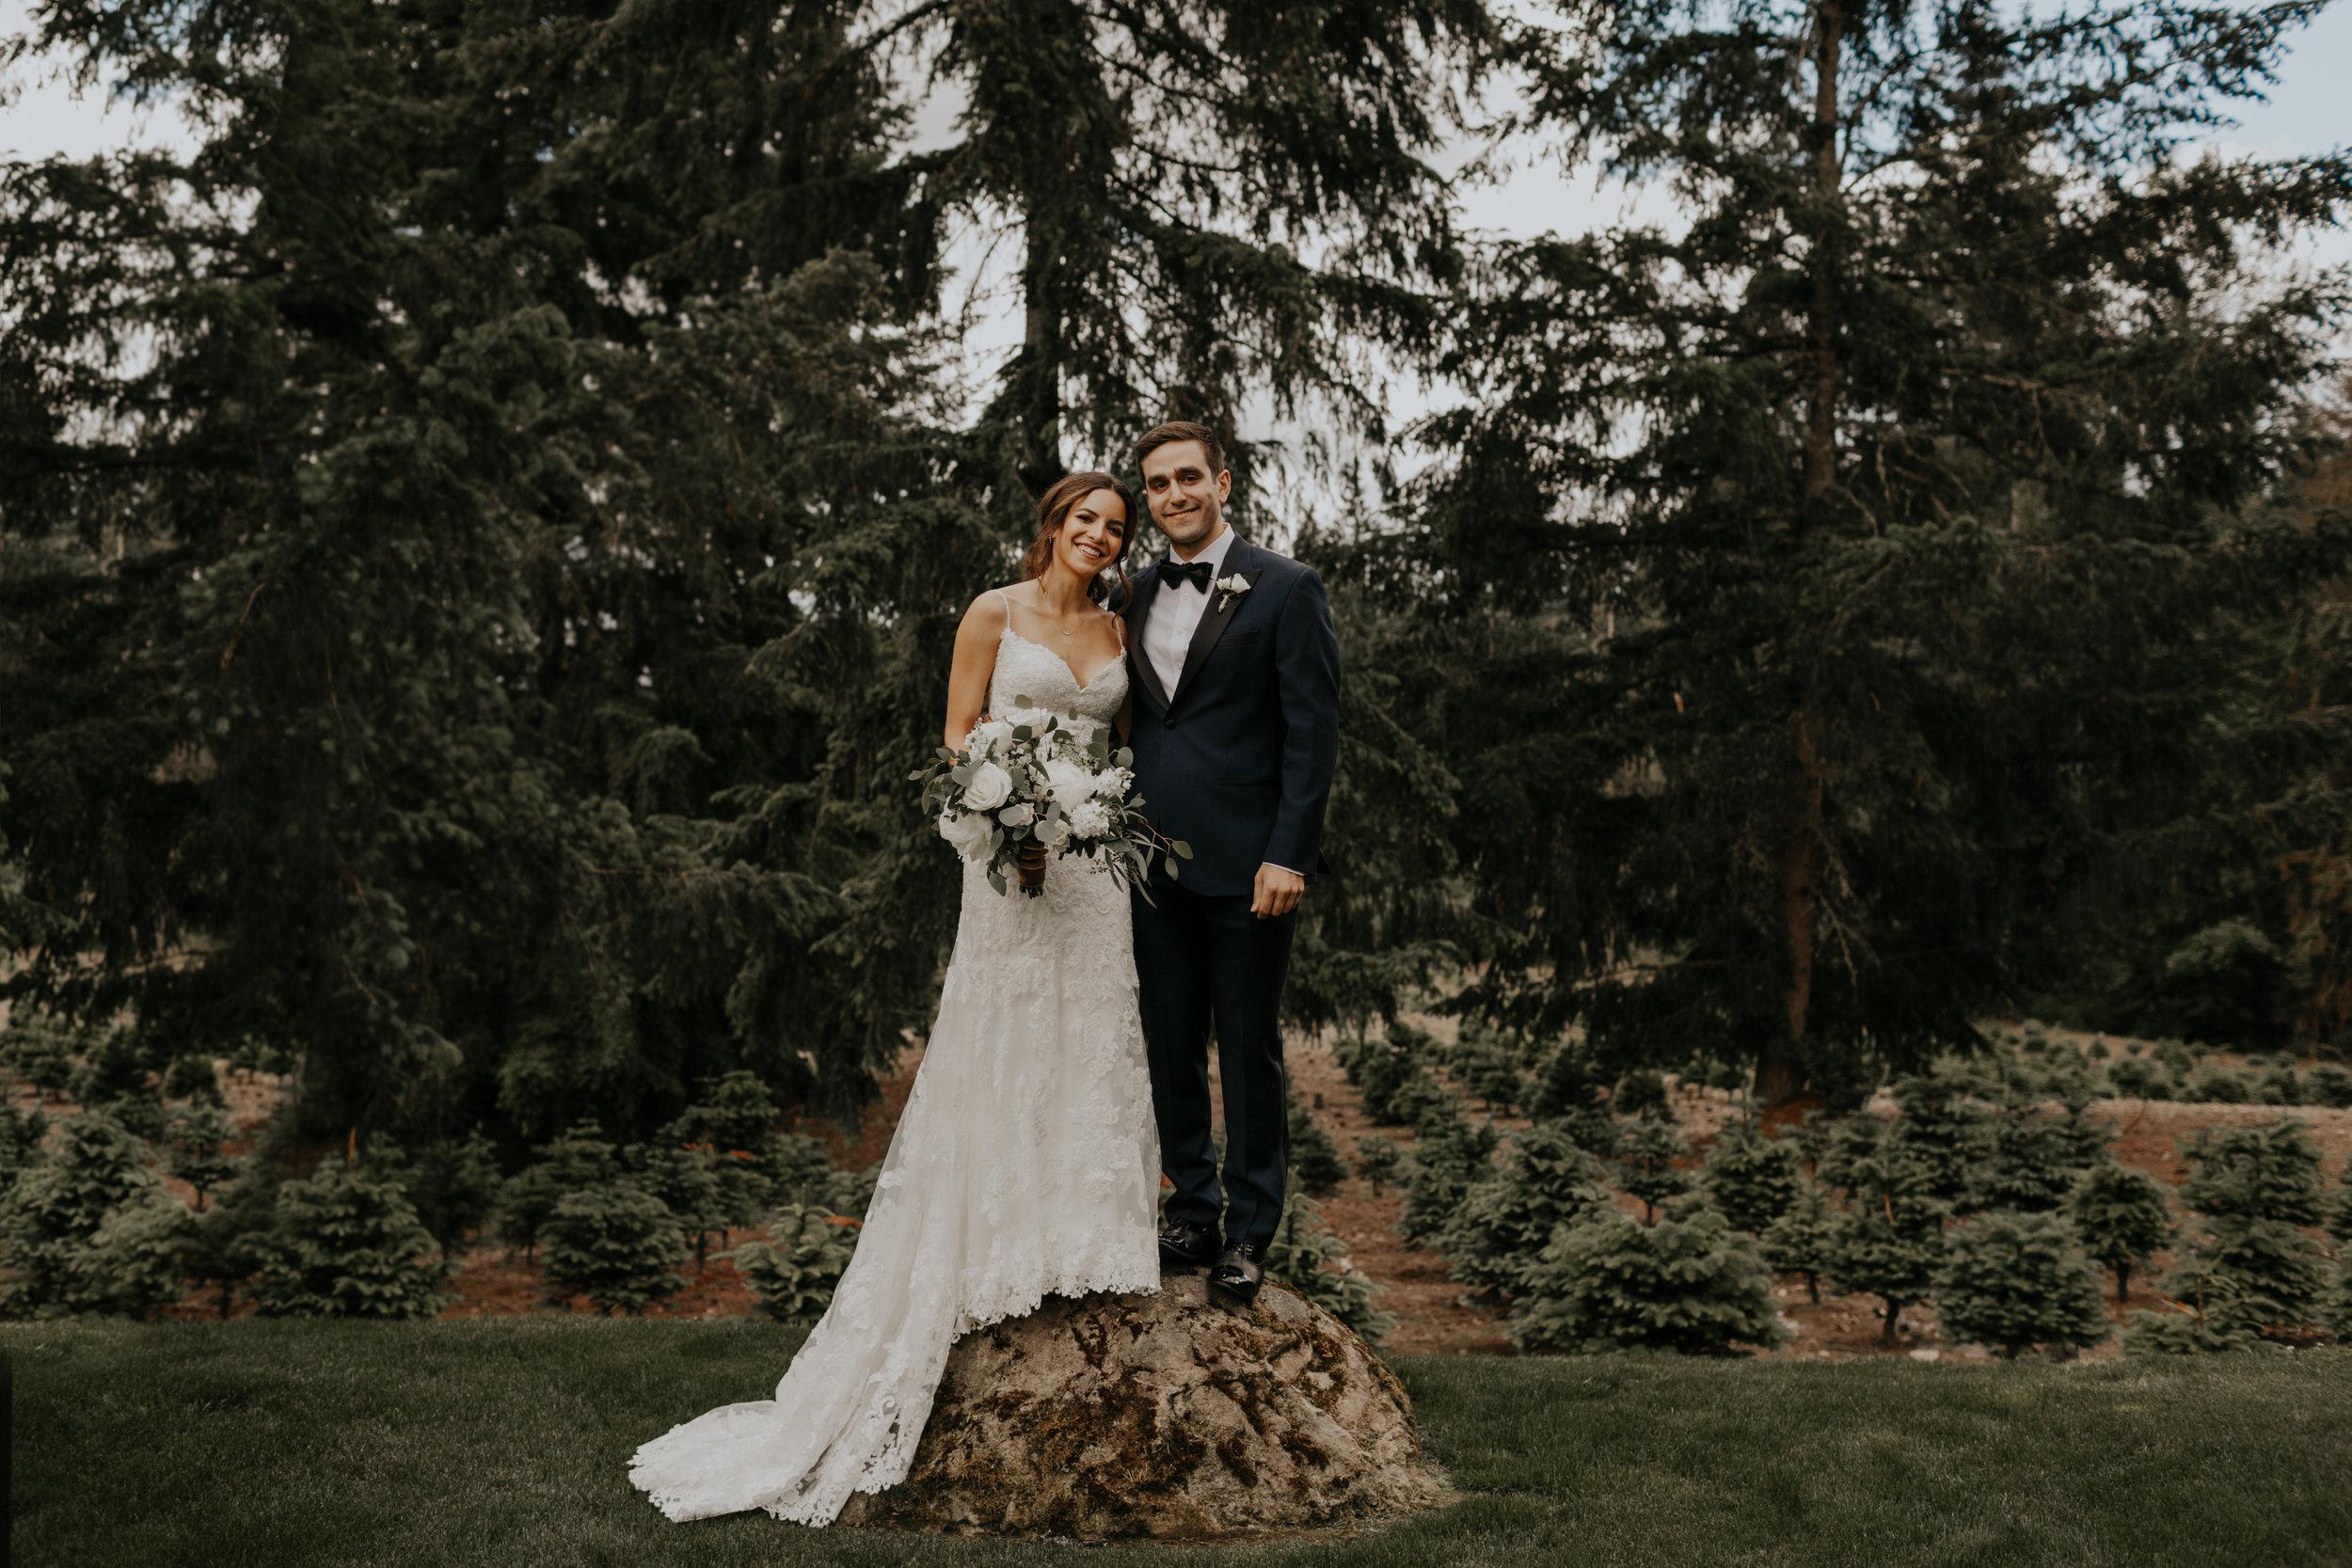 ginapaulson_isabelamichael_wedding-259.jpg